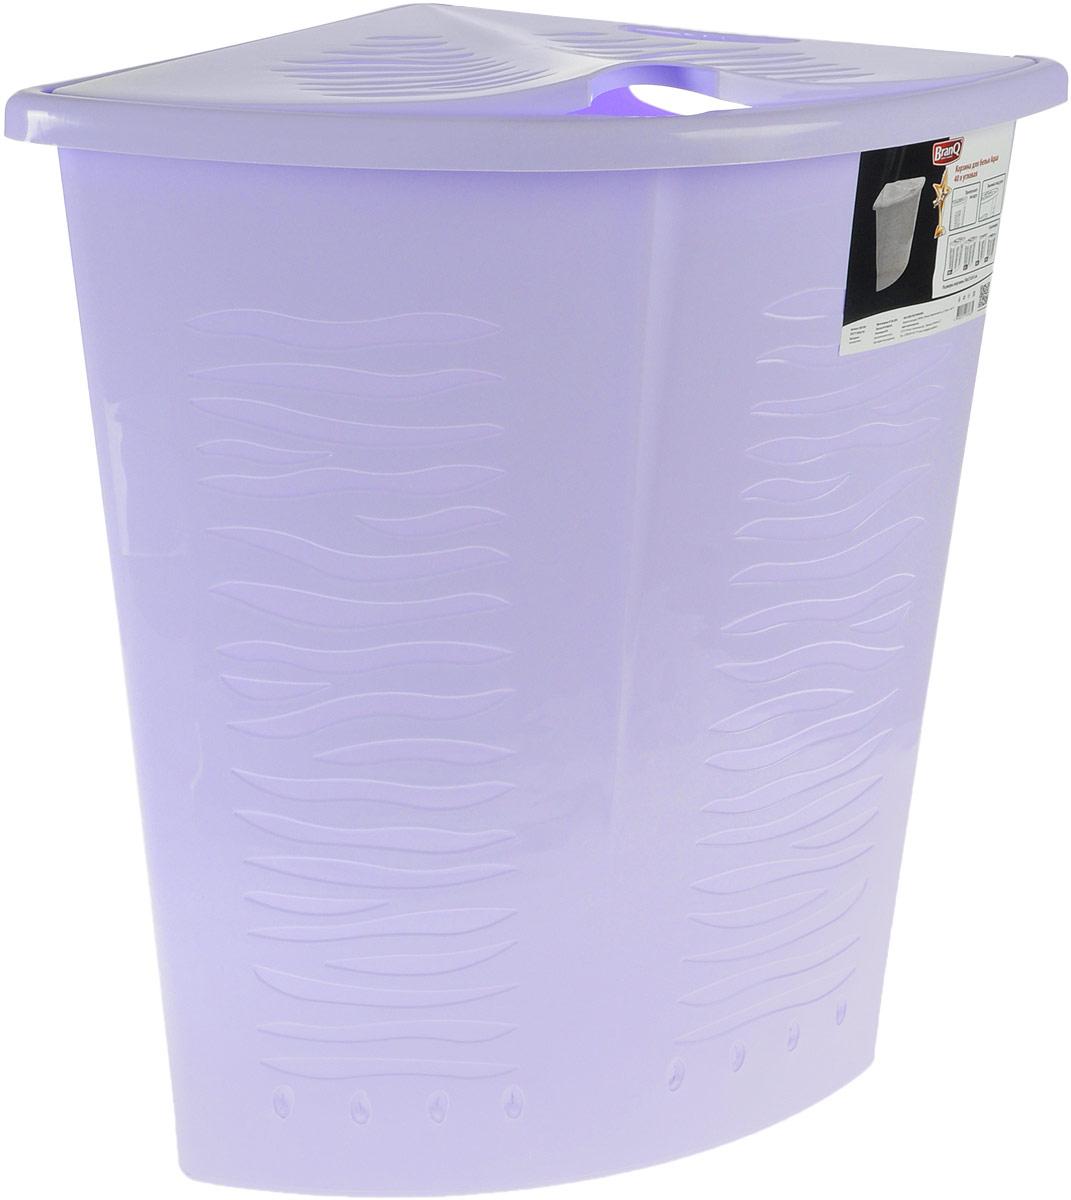 Корзина для белья BranQ Aqua, угловая, цвет: лавандовый, 40 лBQ1700ЛВДУгловая корзина для белья BranQ Aqua изготовлена из прочного полипропилена и оформлена перфорированными отверстиями, благодаря которым обеспечивается естественная вентиляция. Изделие идеально подходит для небольших ванных комнат. Корзина оснащена крышкой и ручкой для переноски. На крышке имеется выемка для удобного открывания крышки. Такая корзина для белья прекрасно впишется в интерьер ванной комнаты.